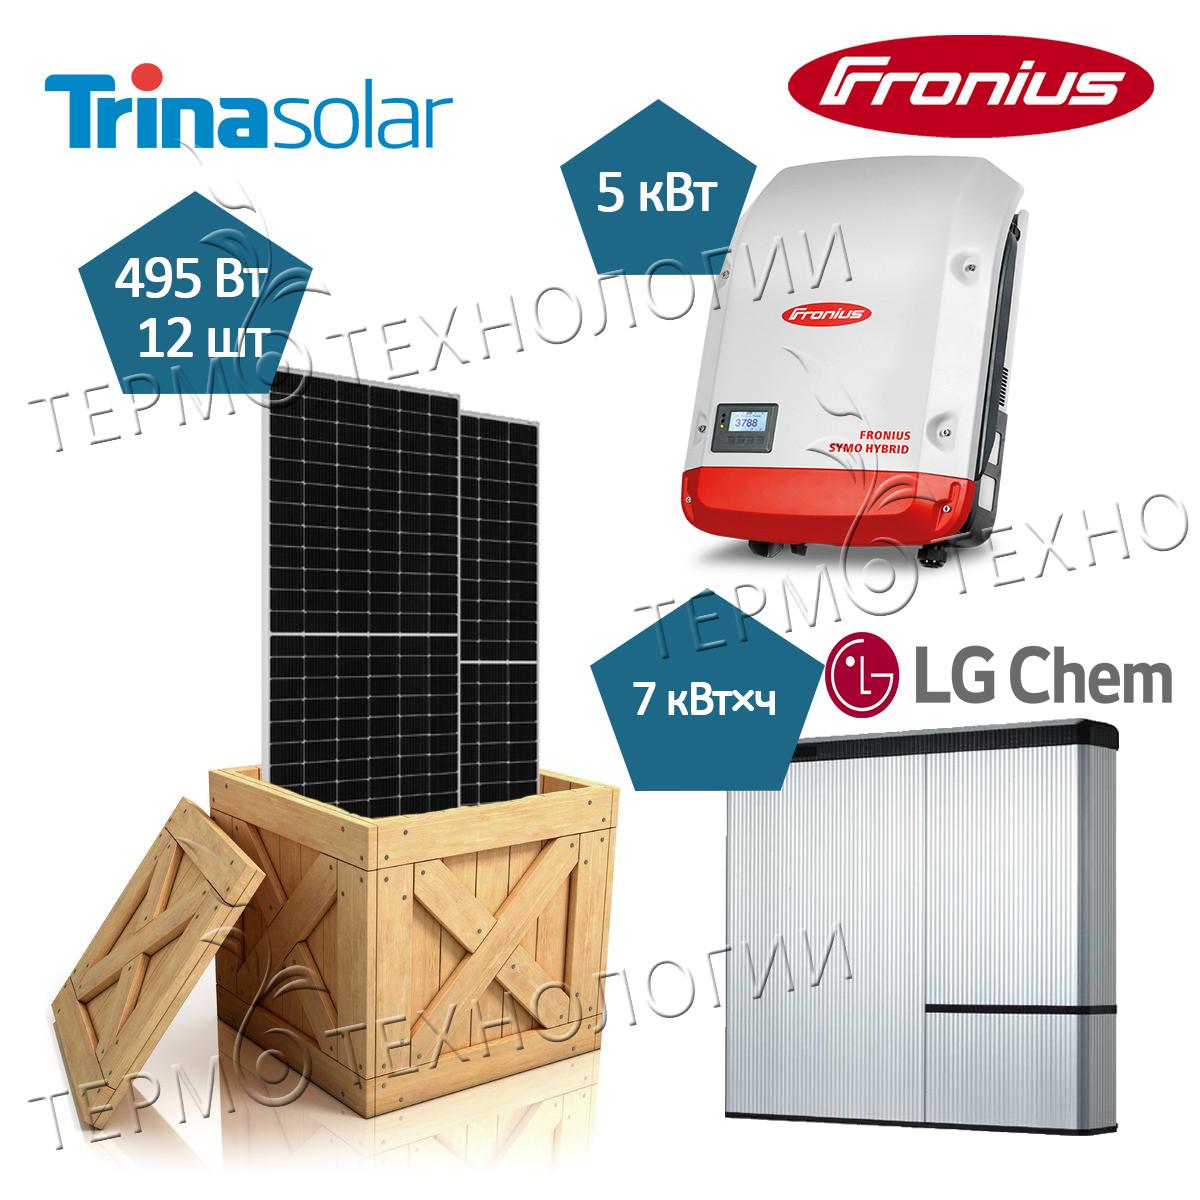 Комплект для гибридной солнечной станции 5 кВт Fronius и Trina Solar 495 Вт